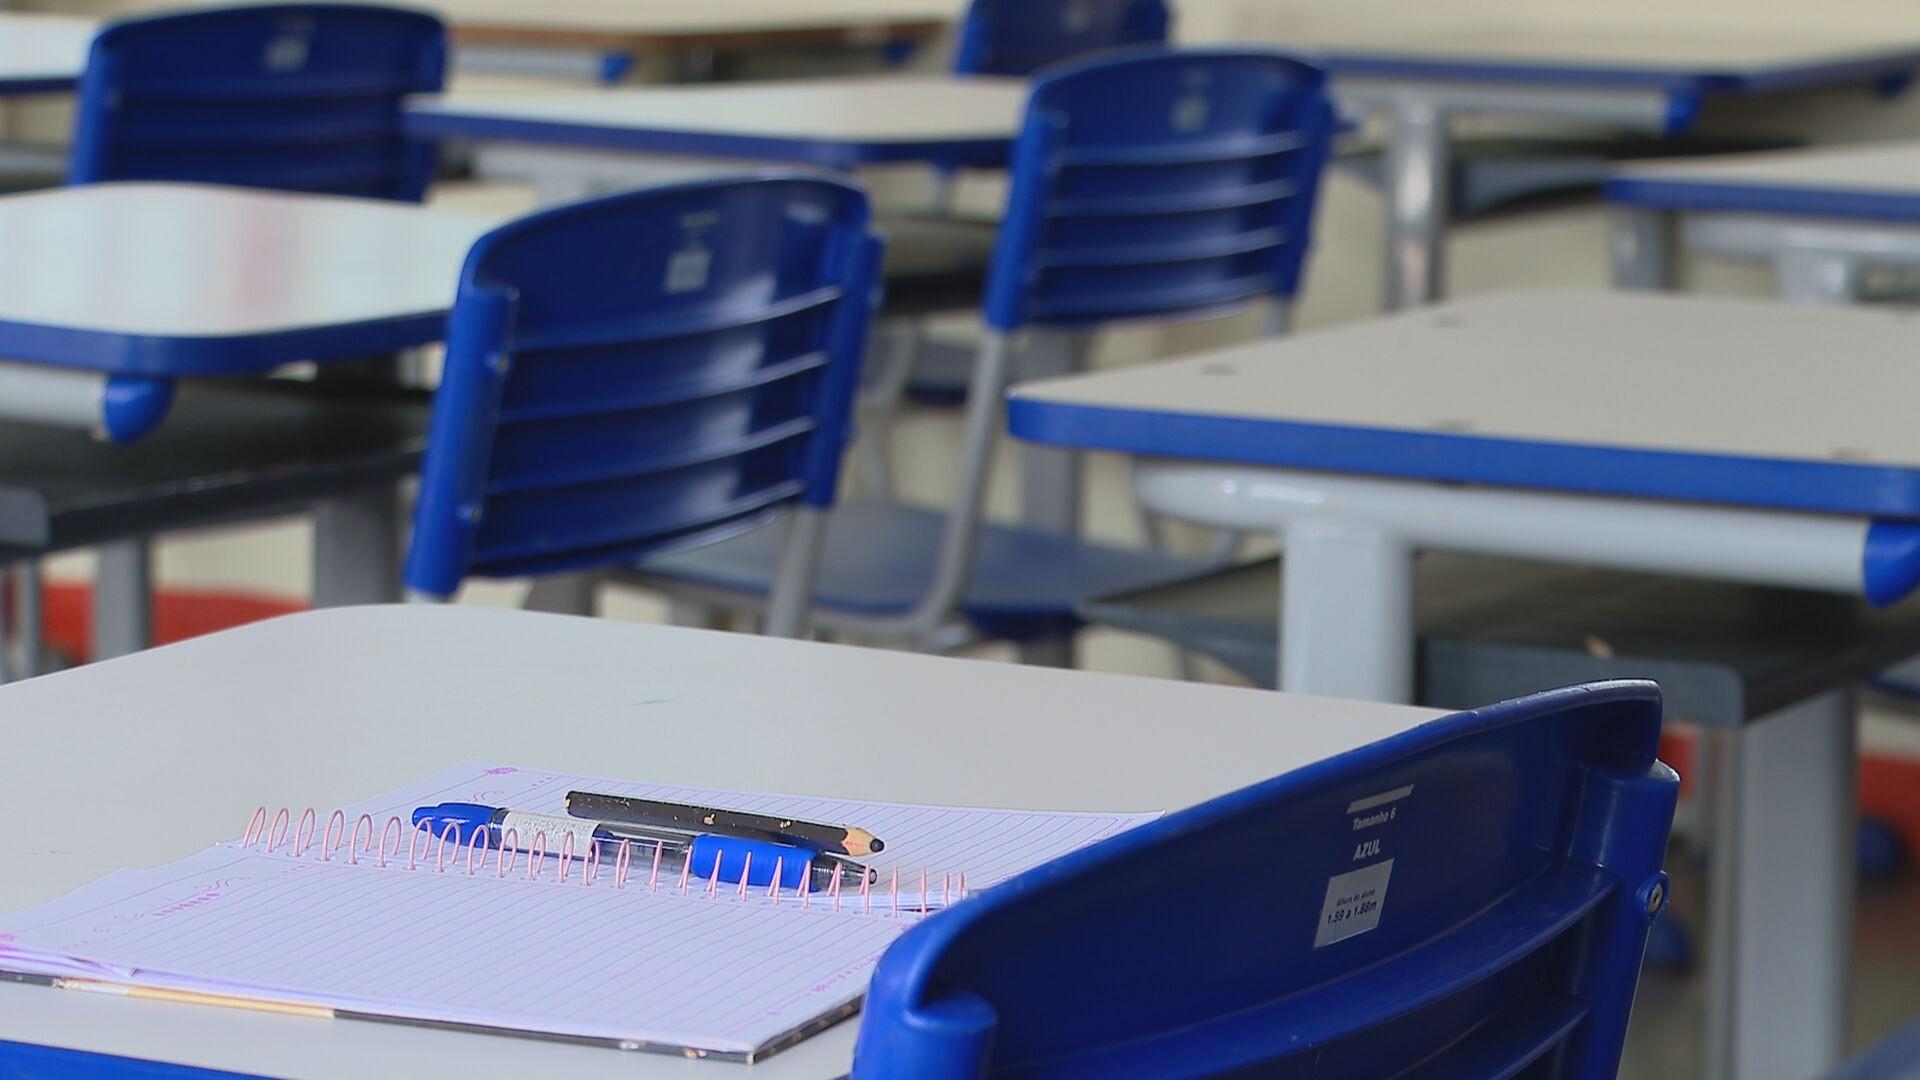 Novo Ensino Médio: escolas do DF se preparam para implementar novo modelo em 2022